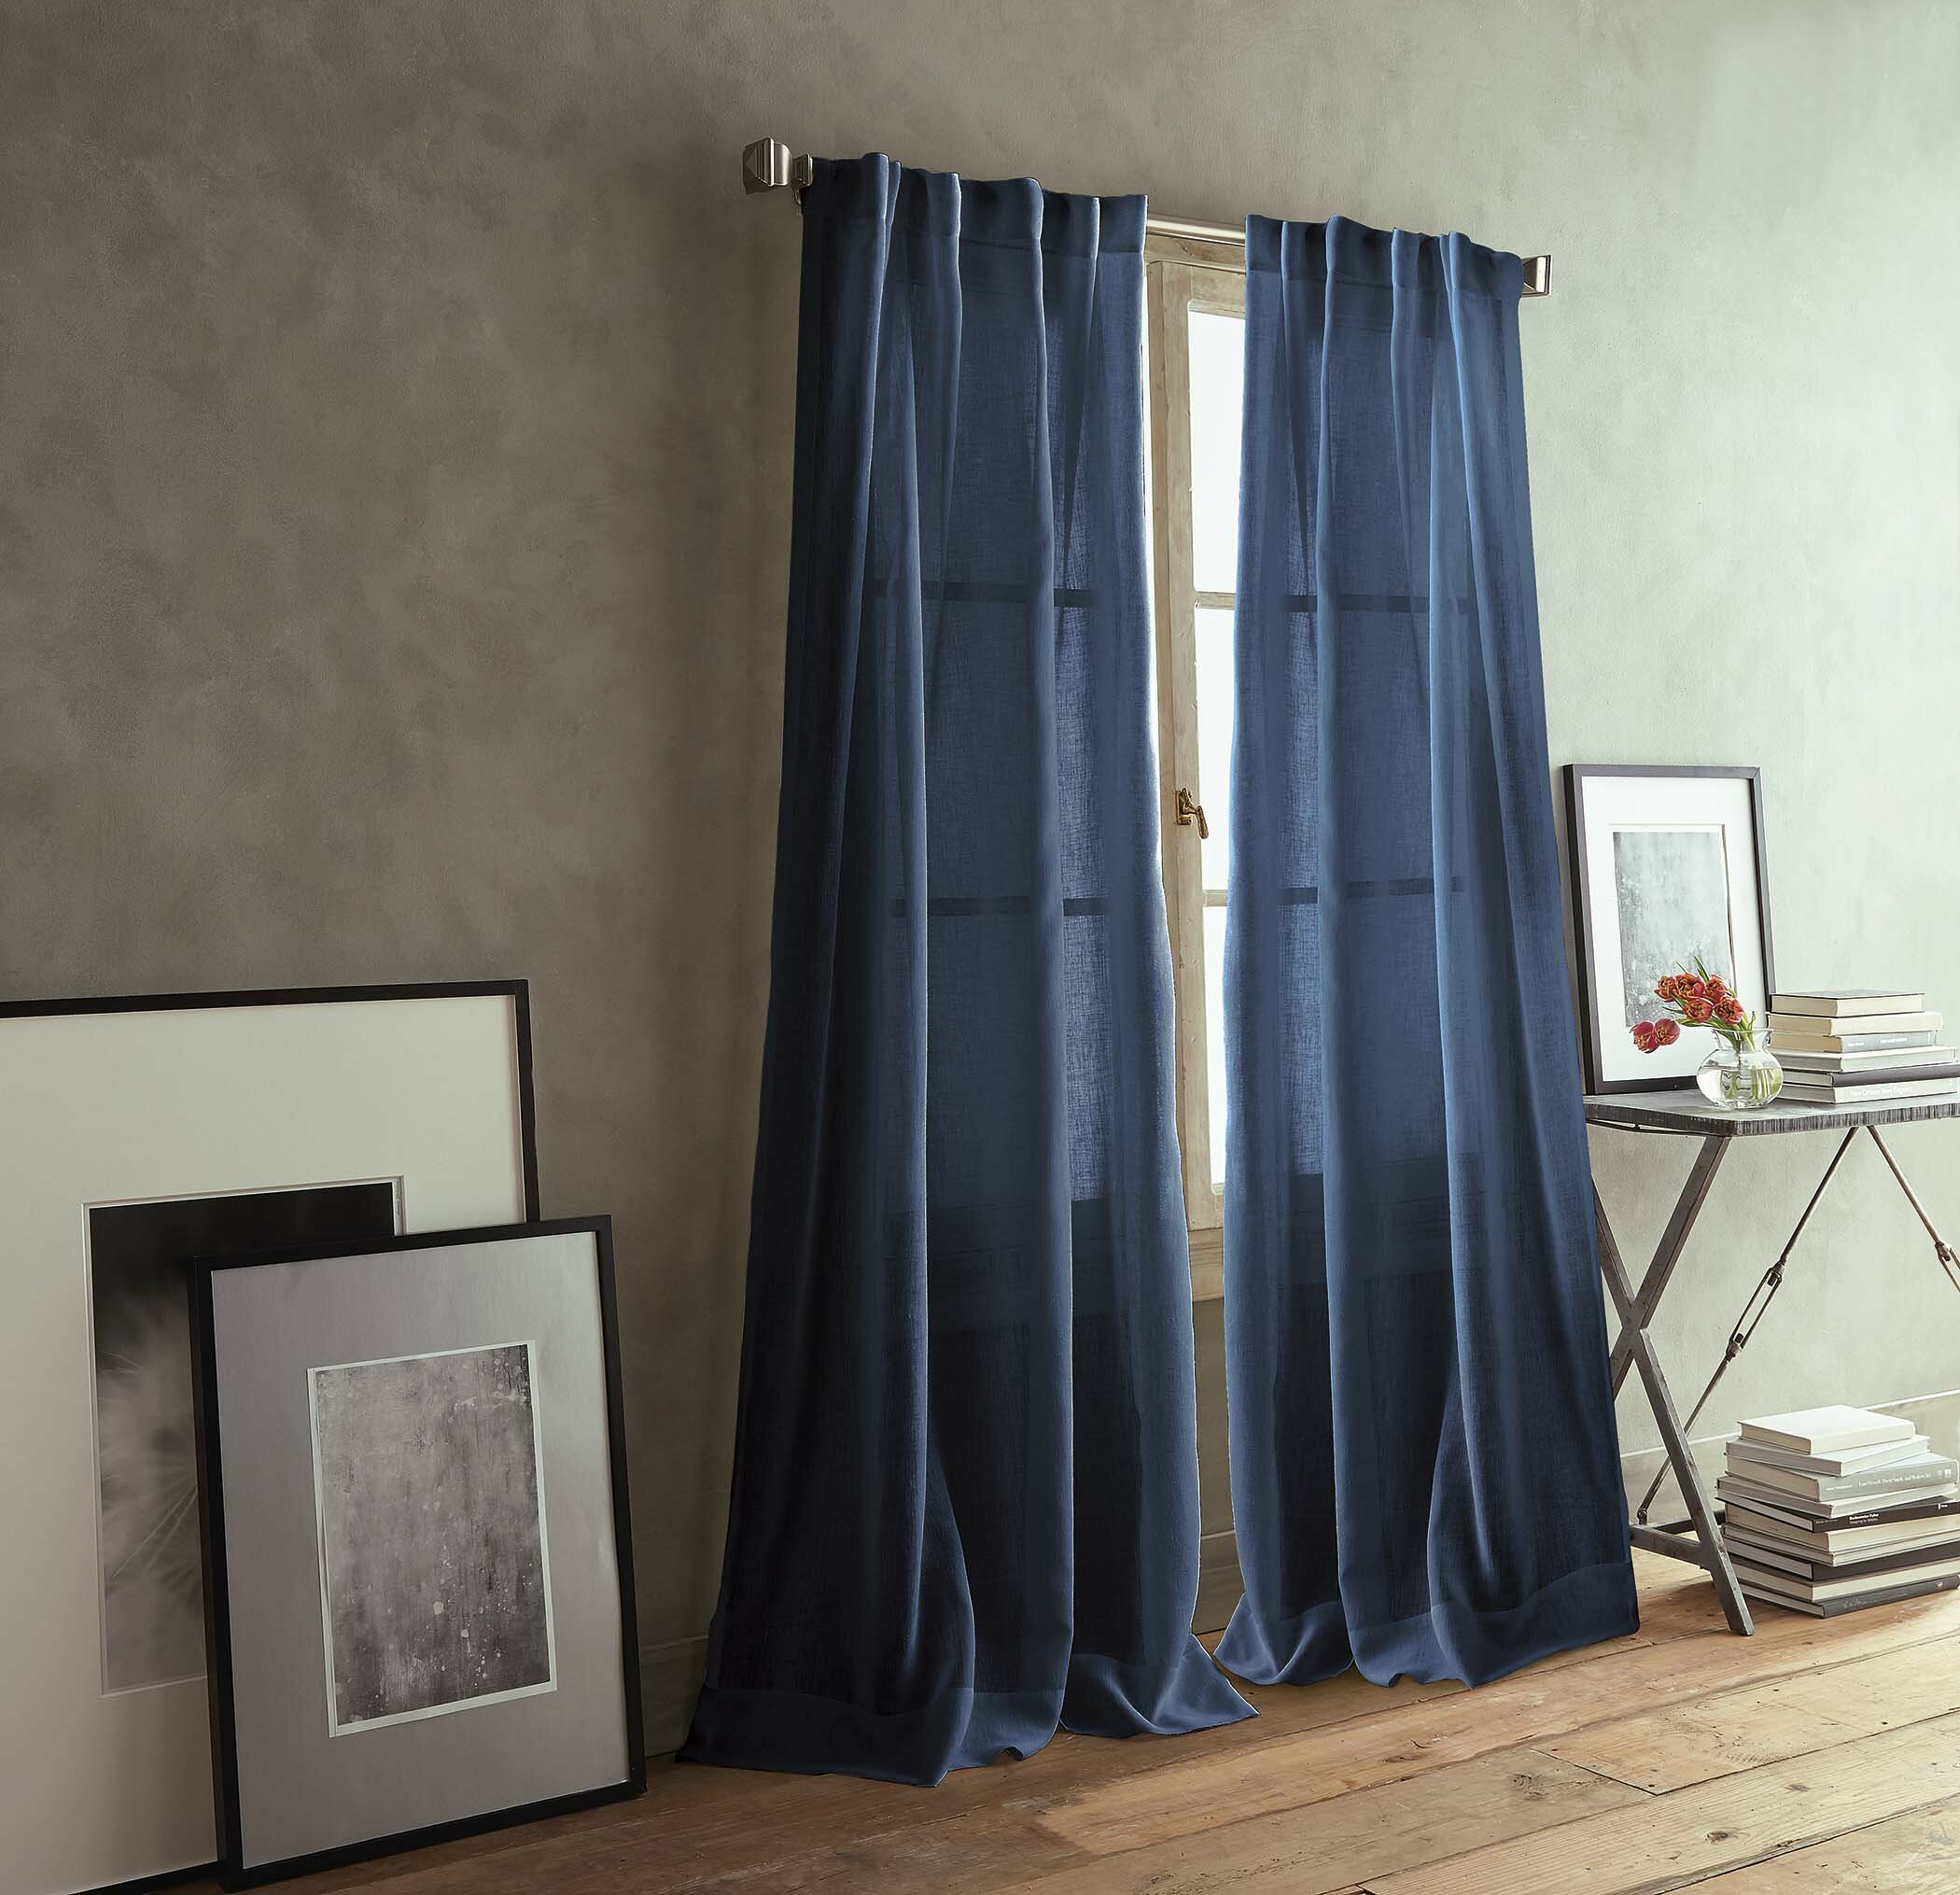 Dkny Paradox Back Tab Solid Semi Sheer Curtain Panels Reviews Wayfair